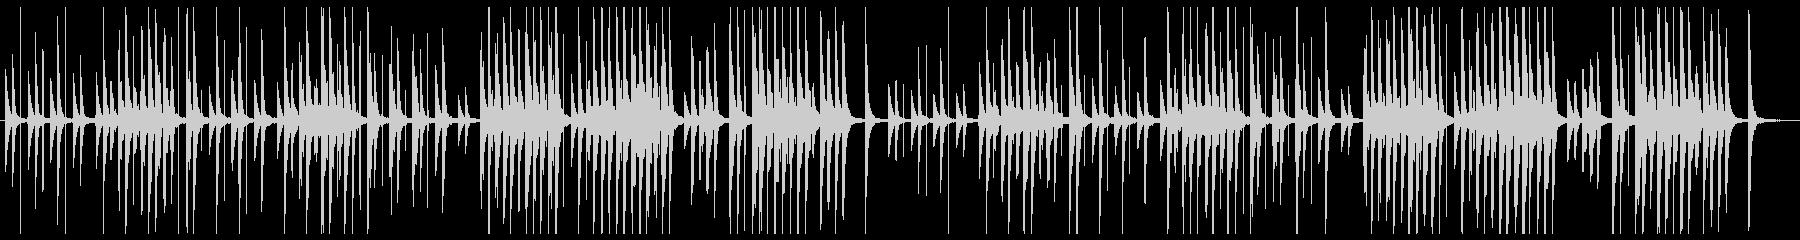 Lo-Fiで切ない『ジムノペディ 1番』の未再生の波形